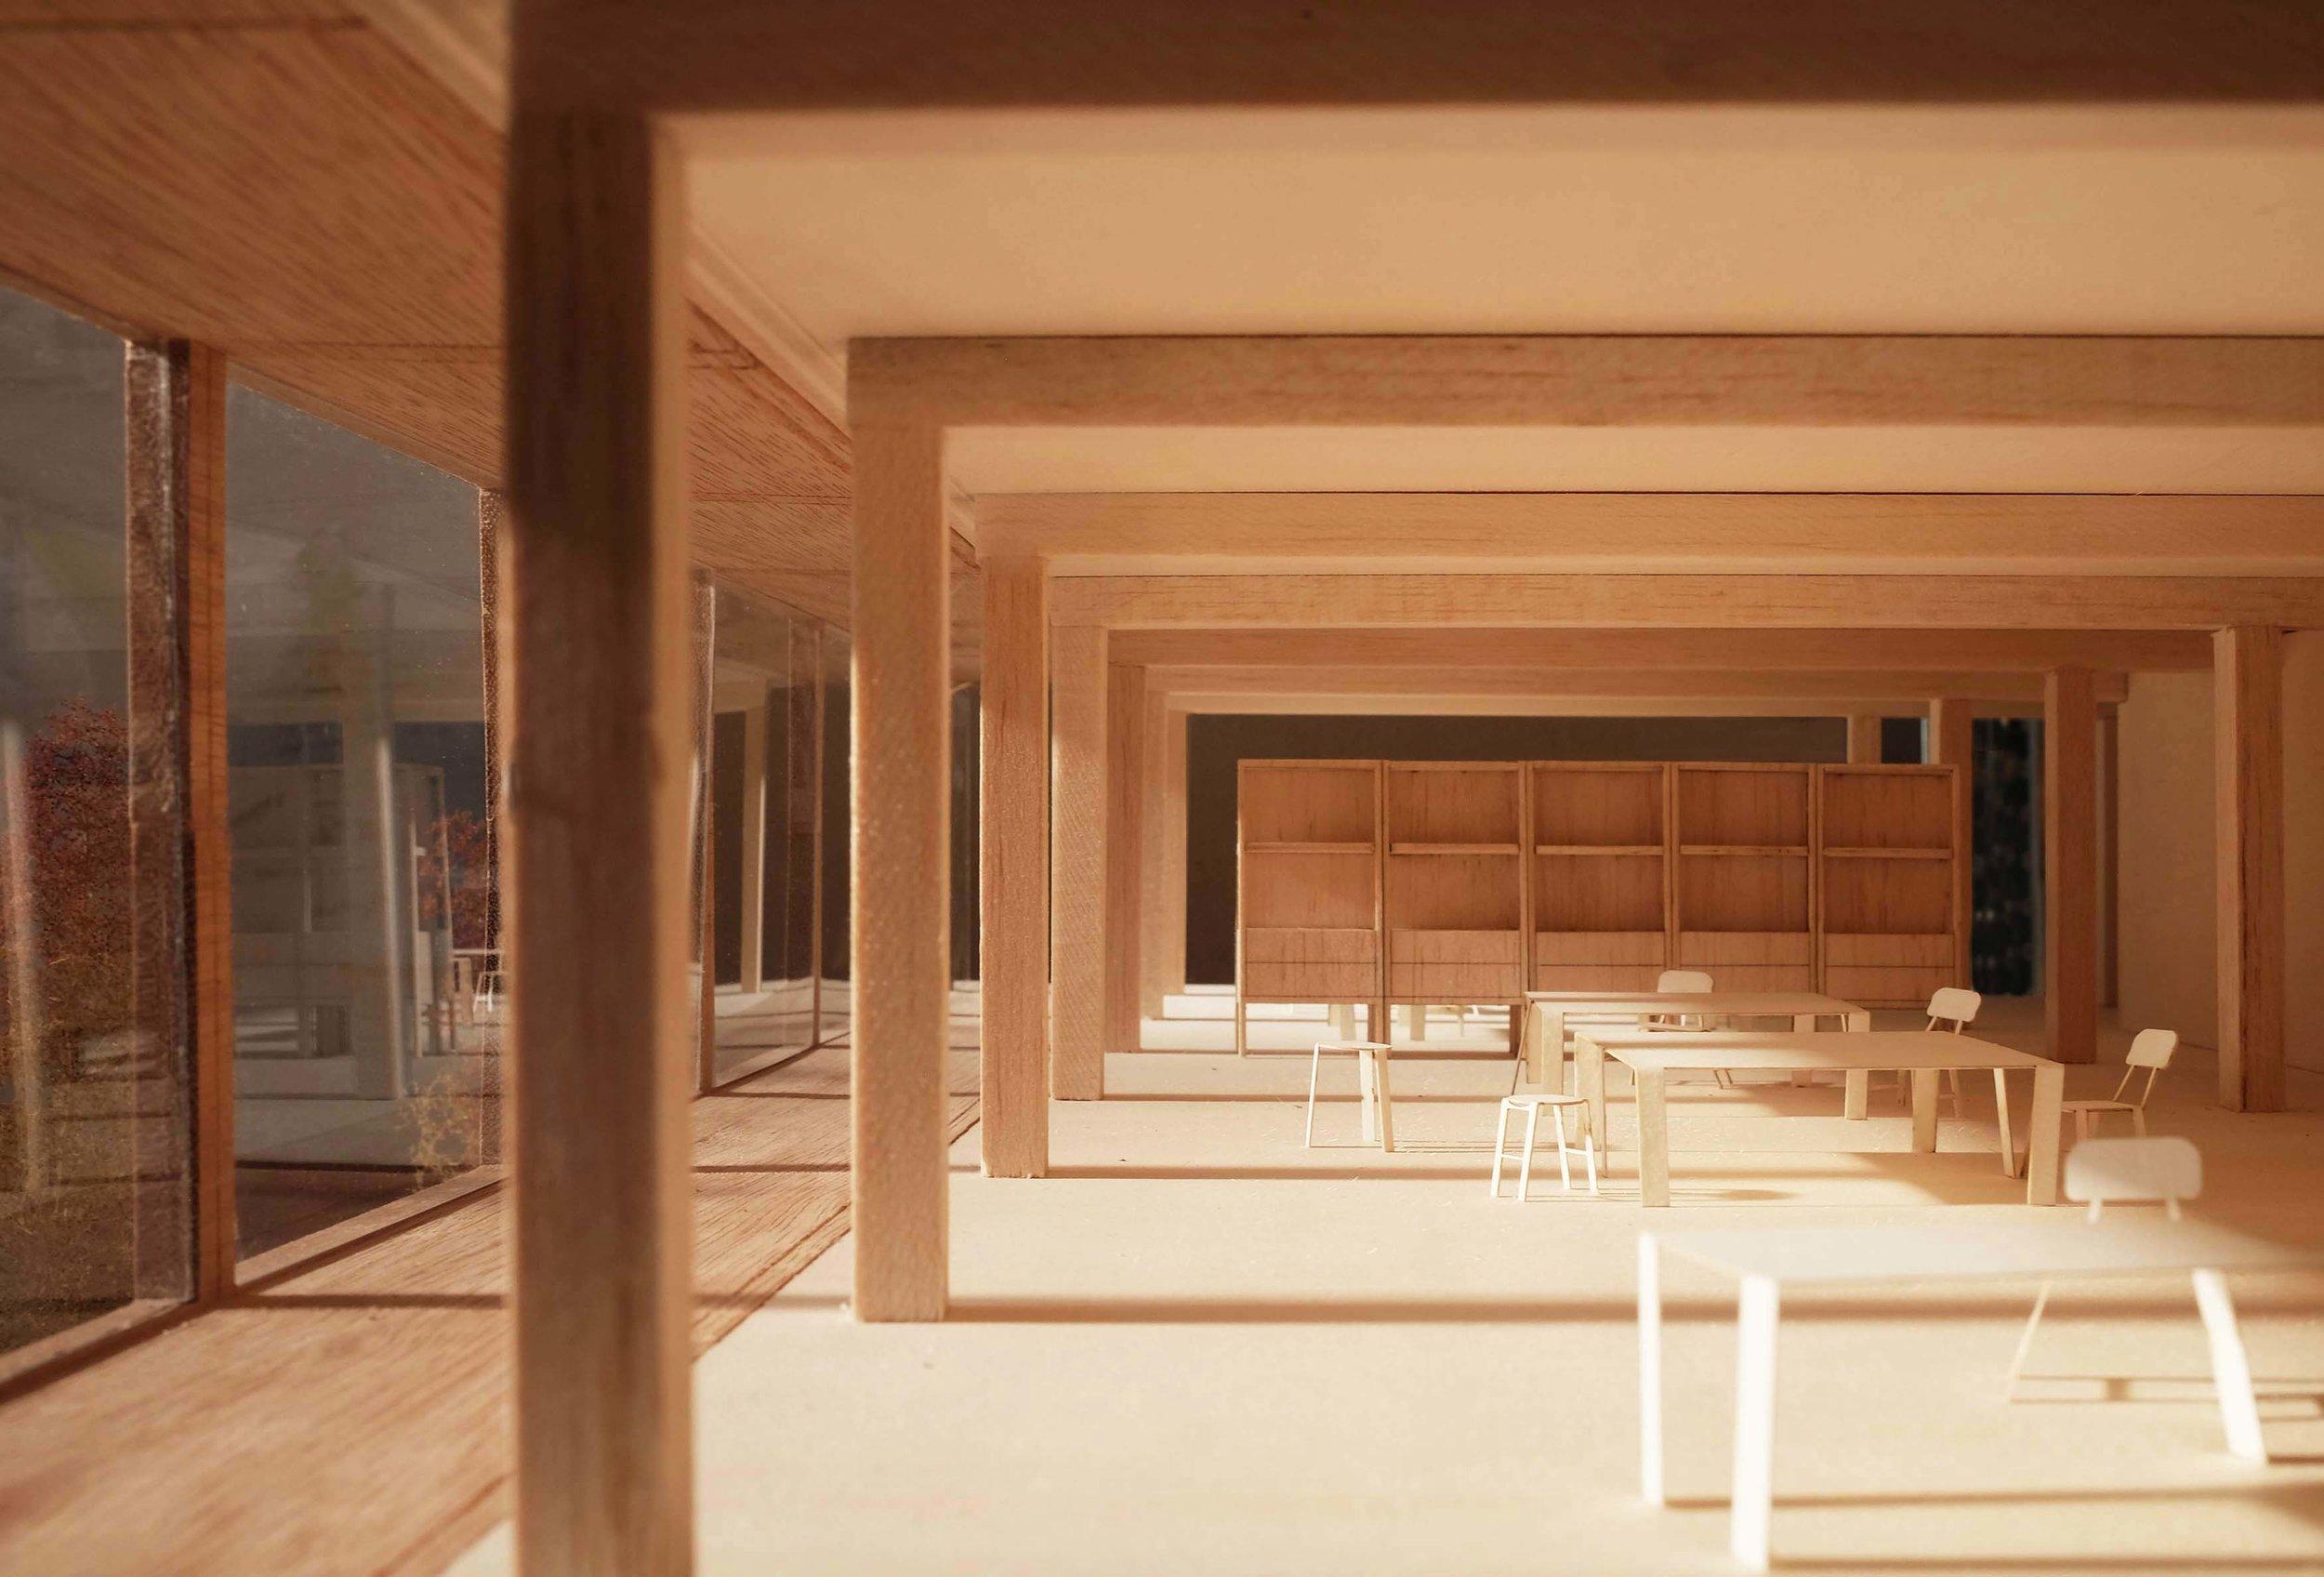 1_33_first floor_mvk.jpg